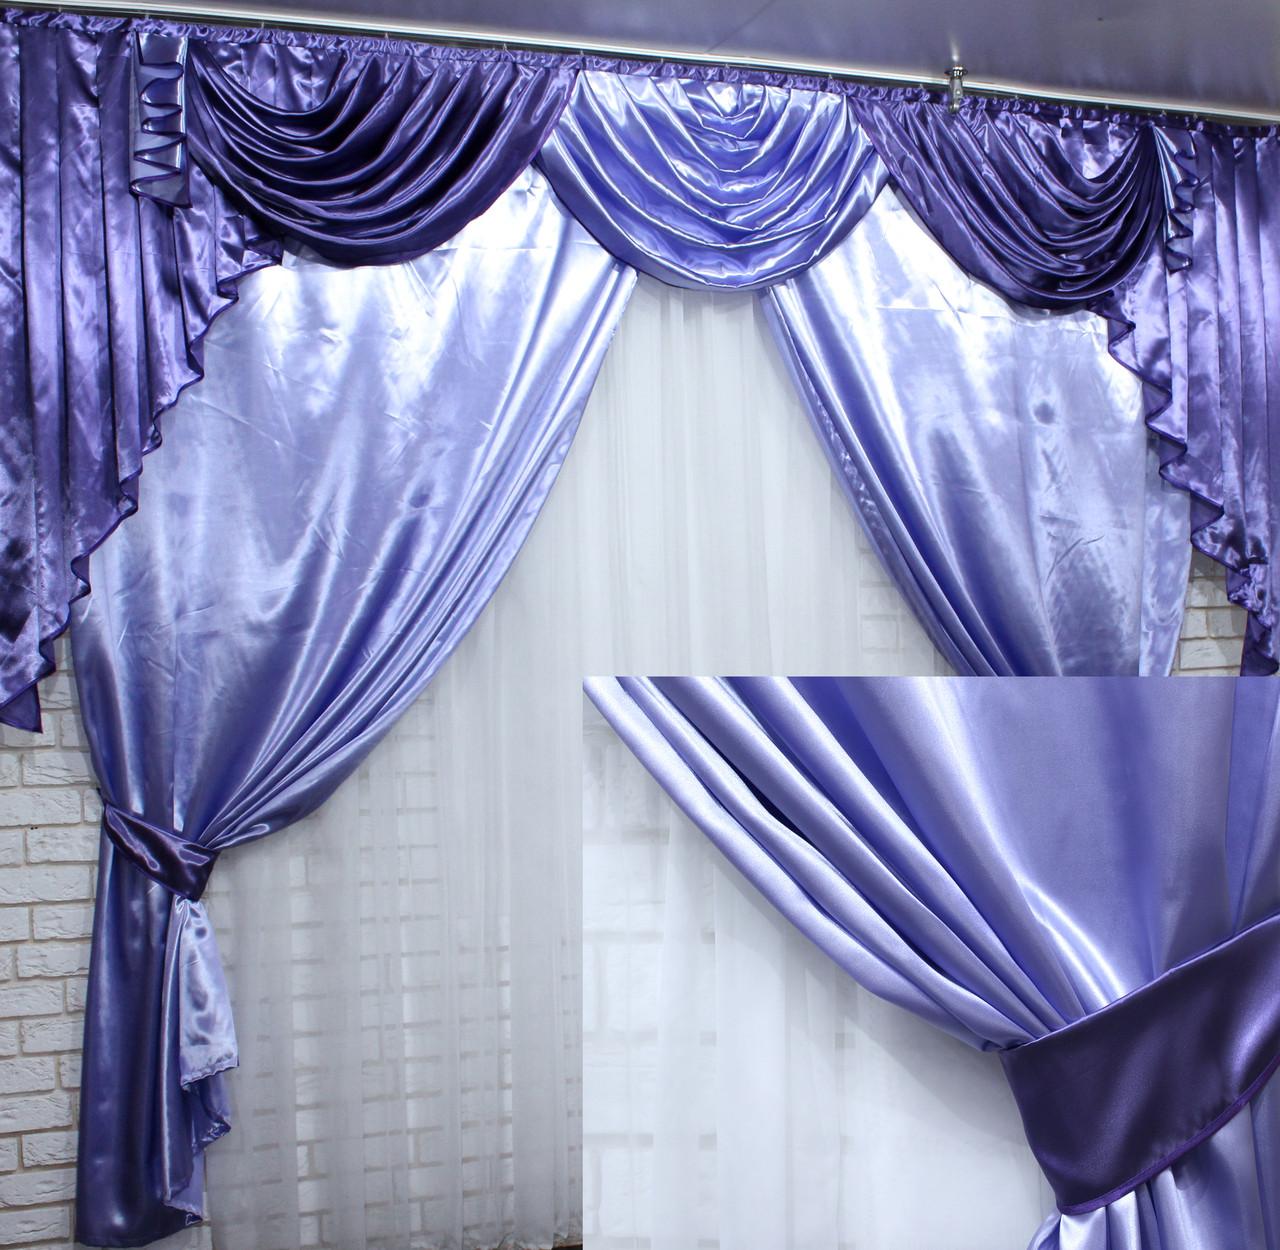 Ламбрекен и шторы из атласа  №49 Цвет лиловый с фиолетовым  (3*2,4) 79-002